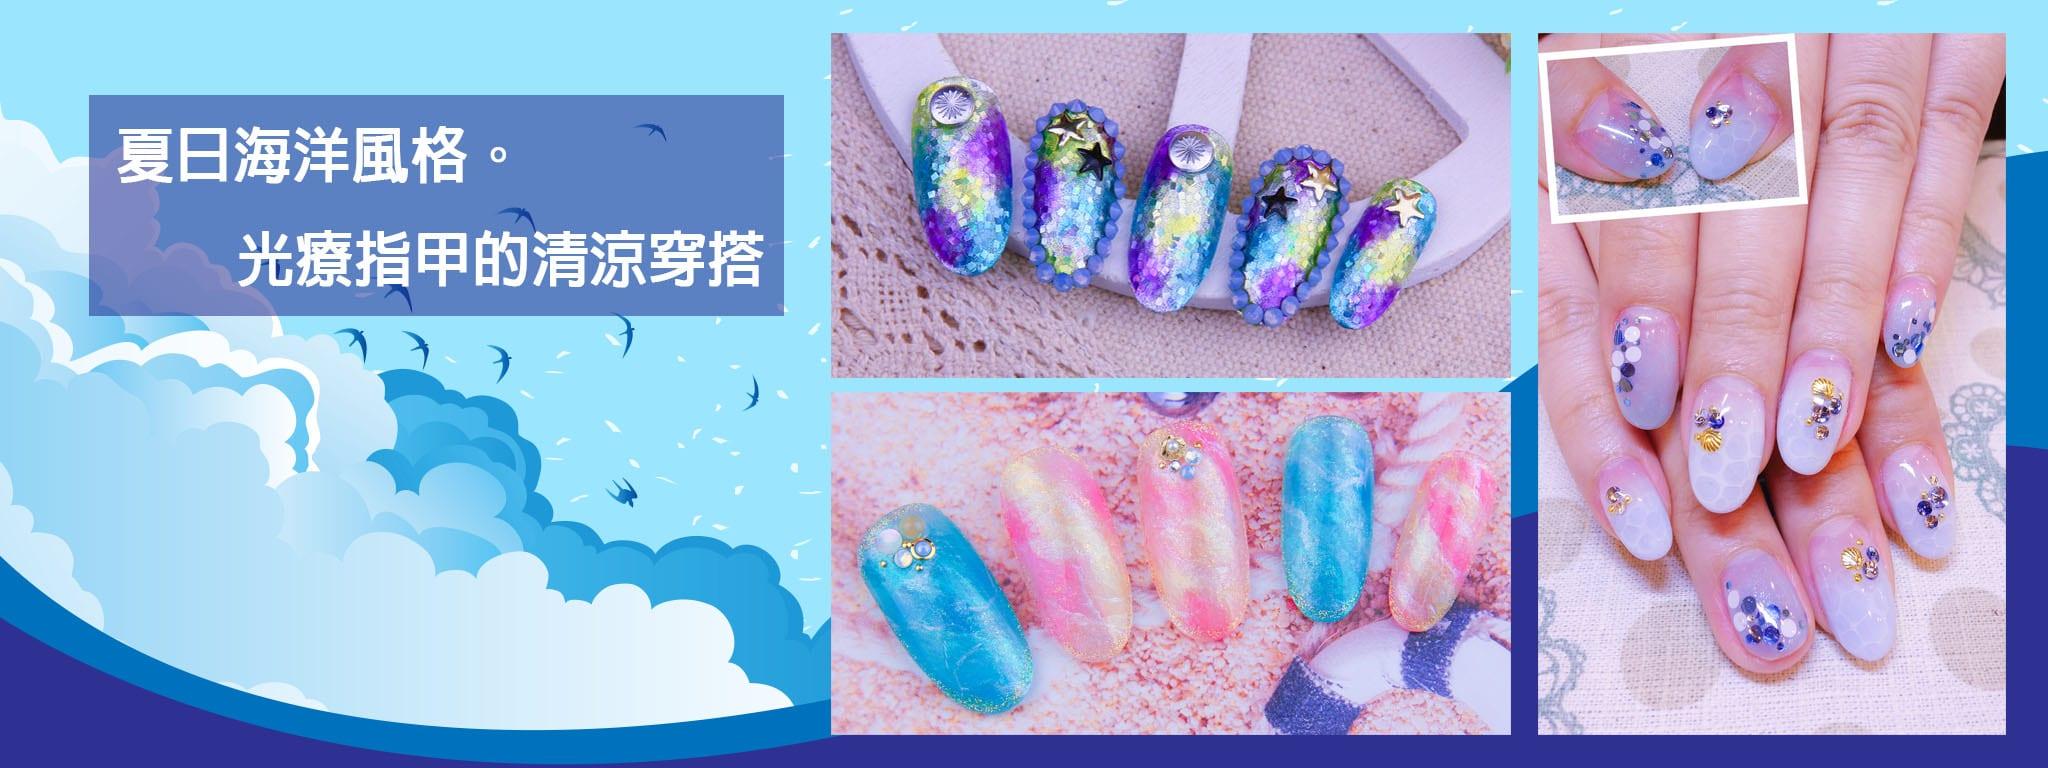 ♥ 夏日海洋風!凝膠指甲的清涼穿搭